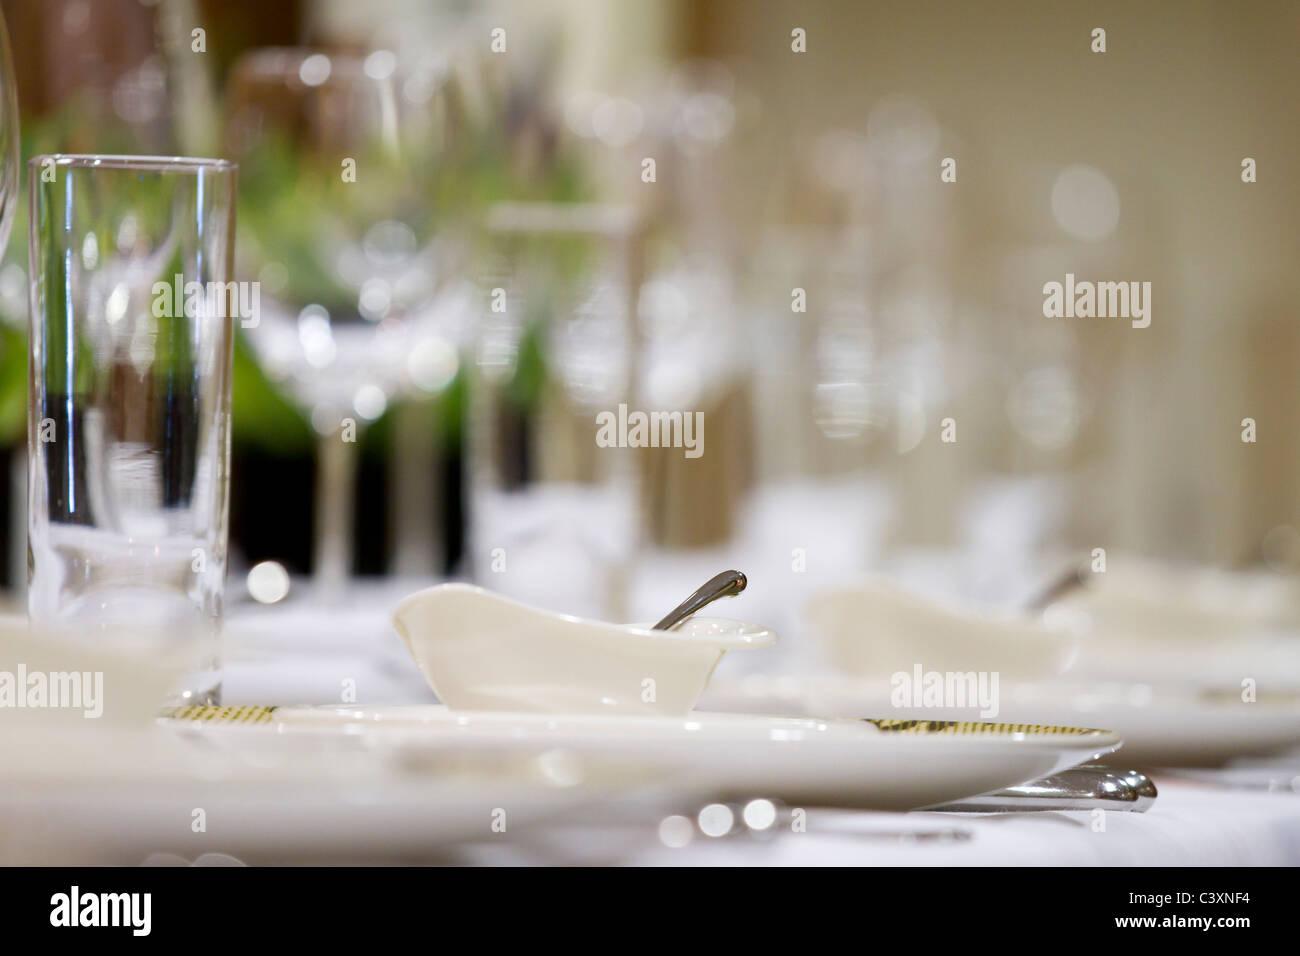 Restaurante gastronómico. Copas de vino en una mesa. Imagen De Stock